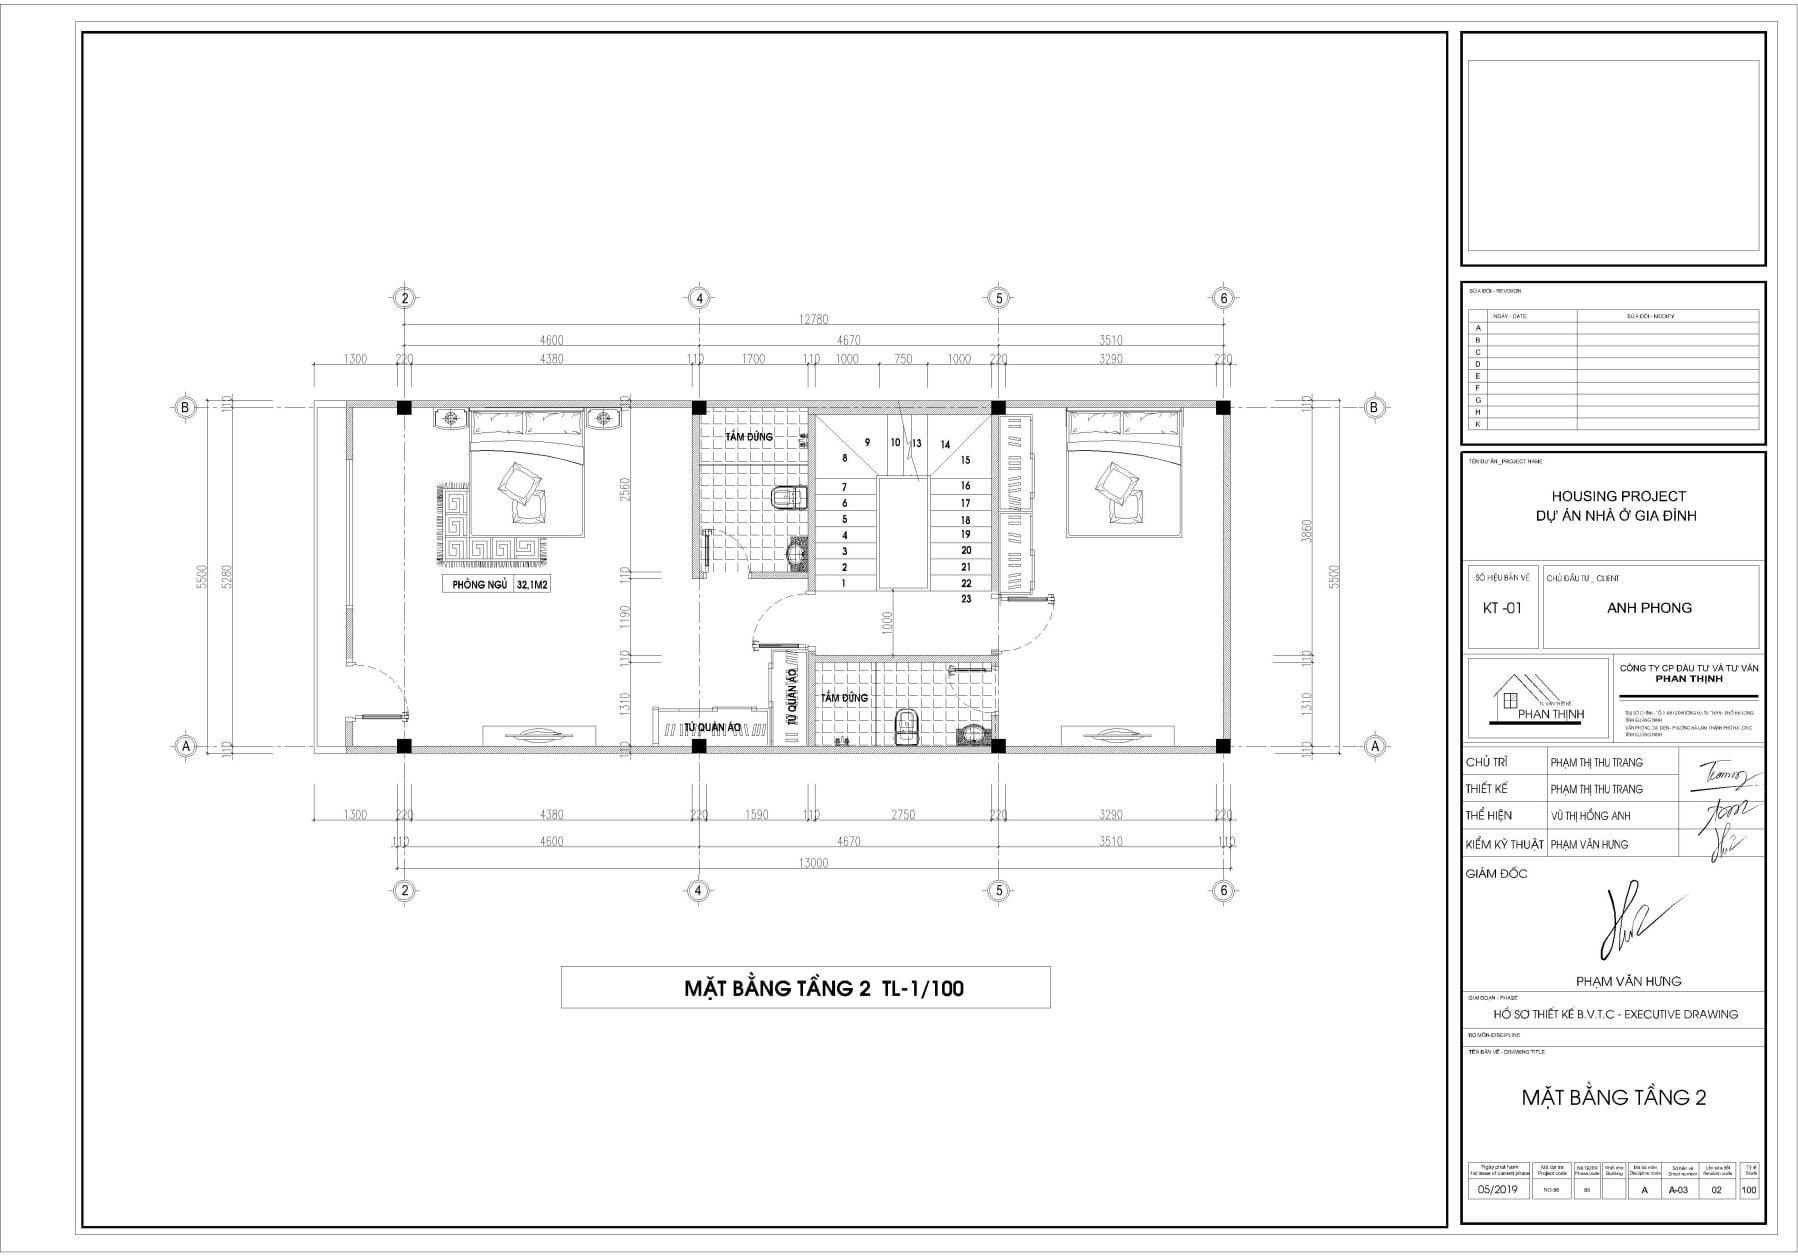 Thiết kế mặt bằng nhà tại tầng 2.